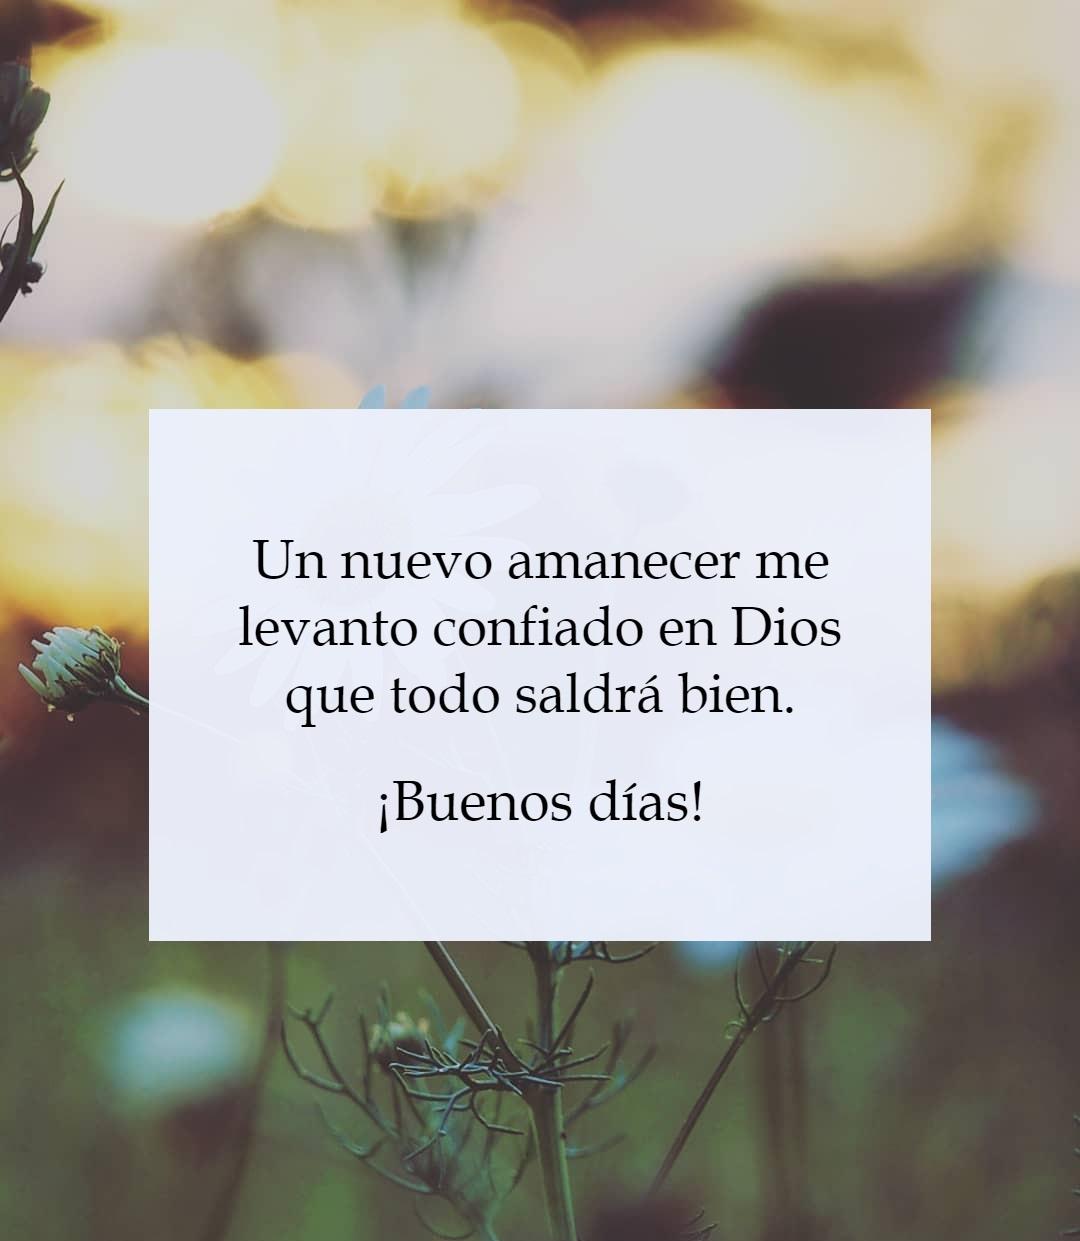 Un nuevo amanecer me levanto confiando en Dios que todo saldrá bien